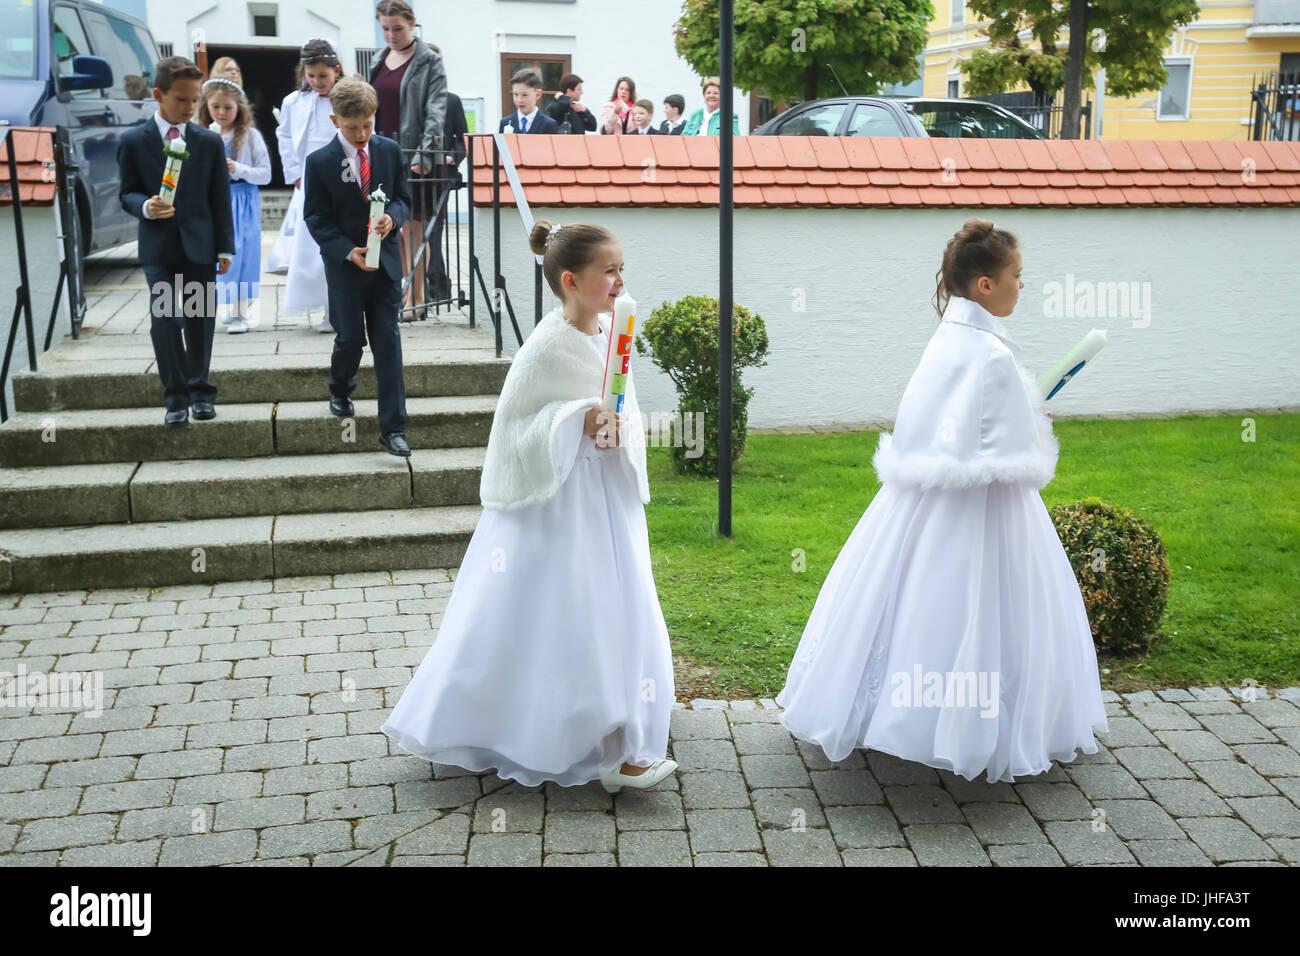 NANDLSTADT, ALLEMAGNE - le 7 mai 2017: les jeunes filles et garçons tenant des bougies et la position de l'église Banque D'Images